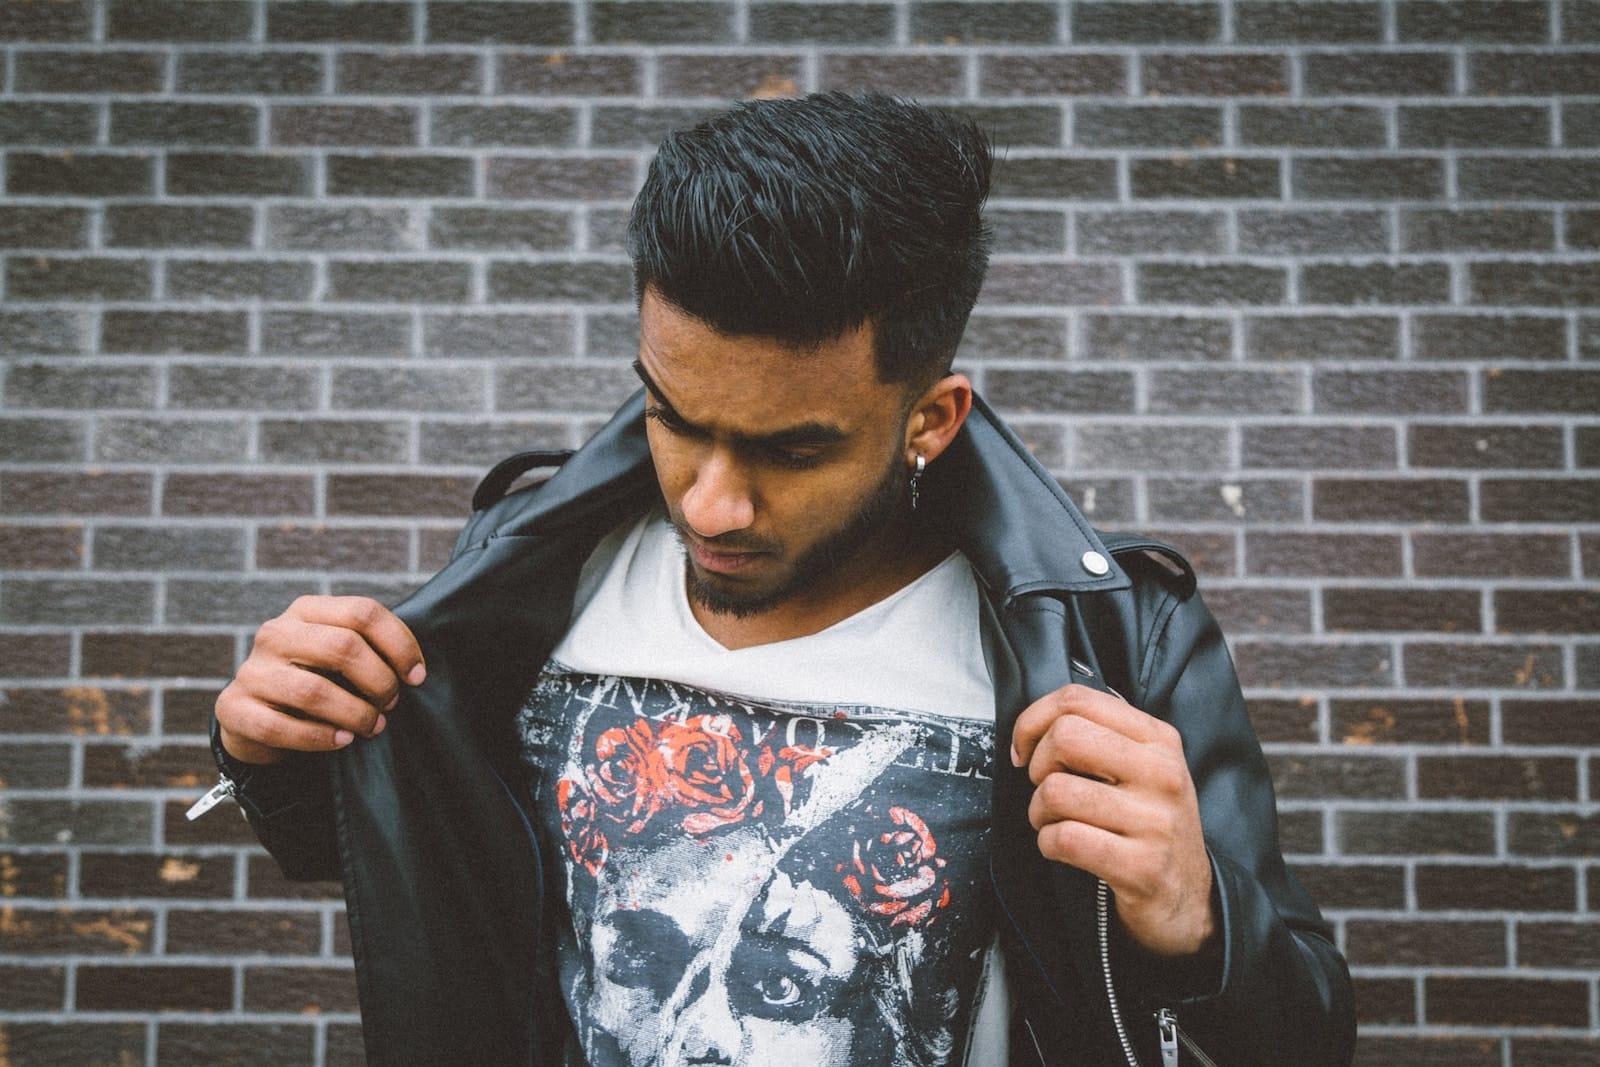 Punk guy leather jacket